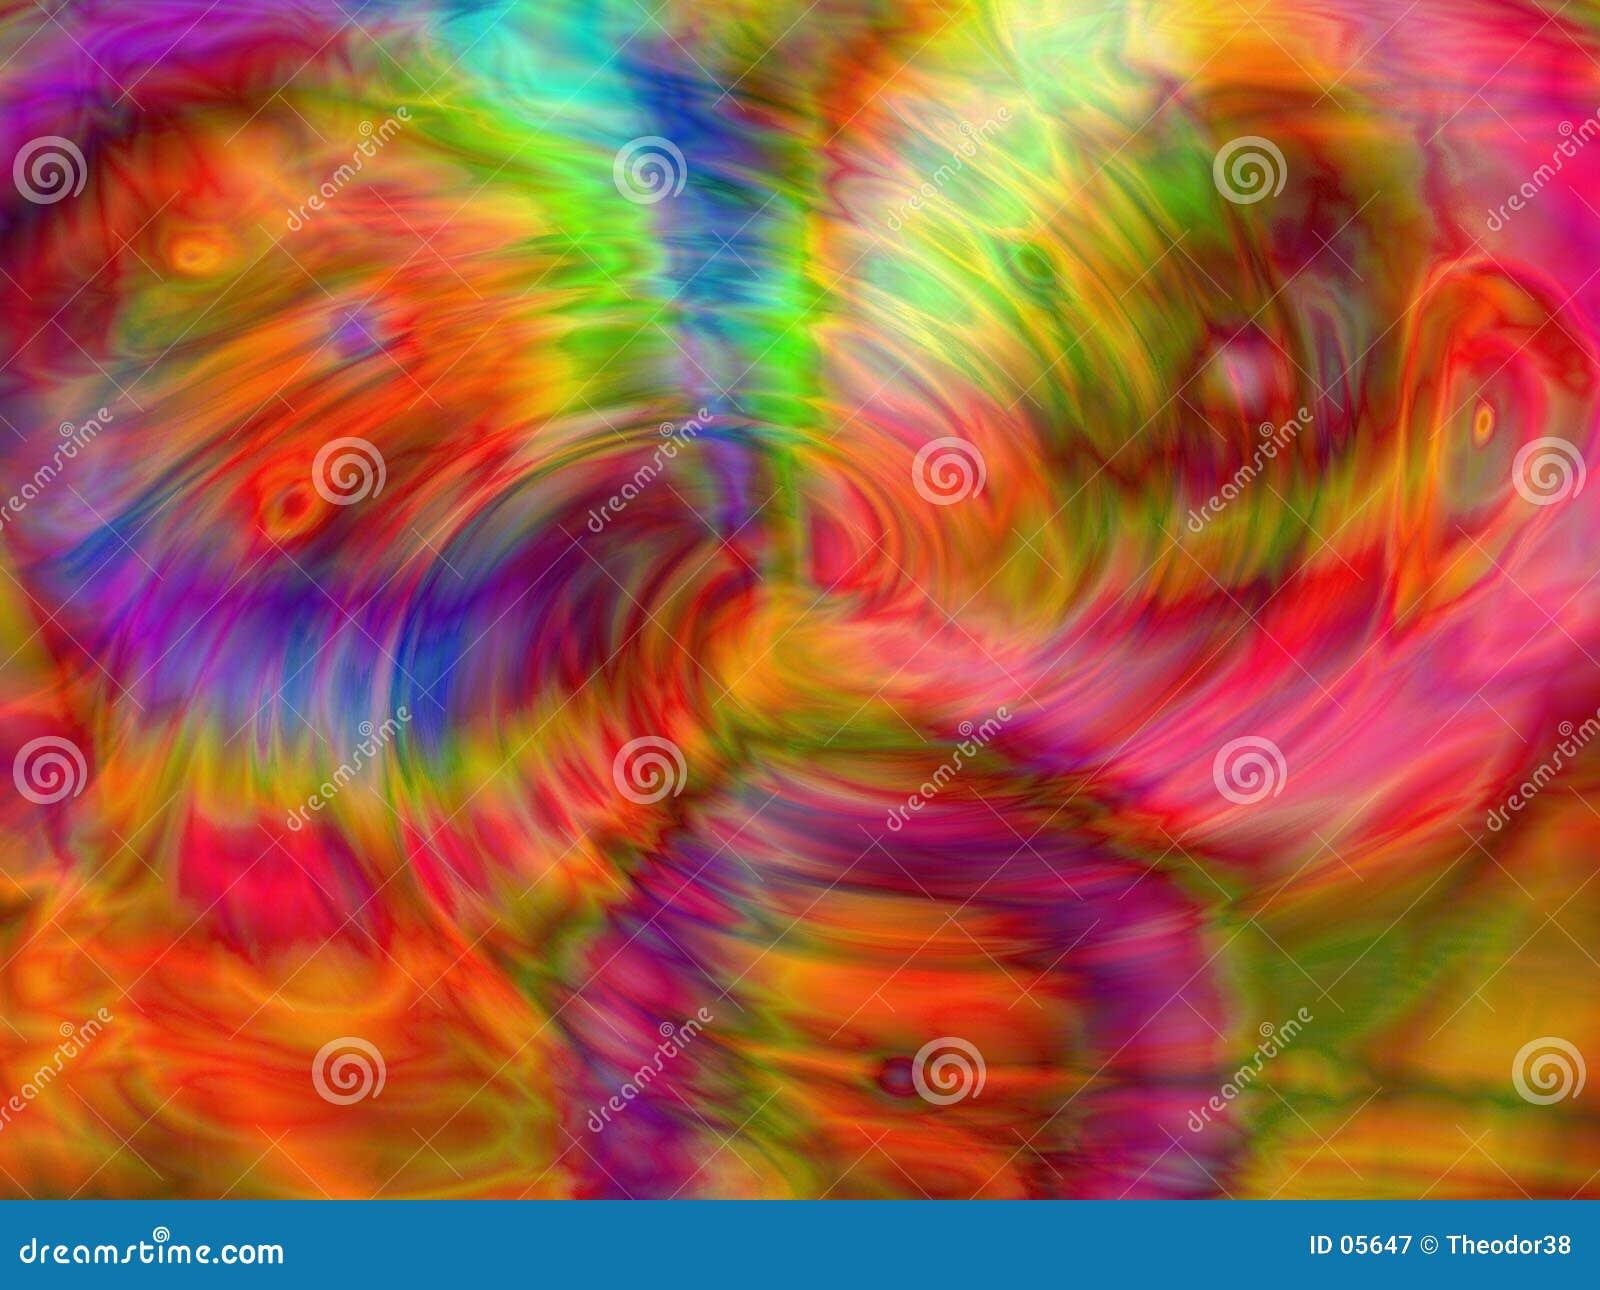 Fondos con colores vivos imagui for Marmol translucido de colores vivos